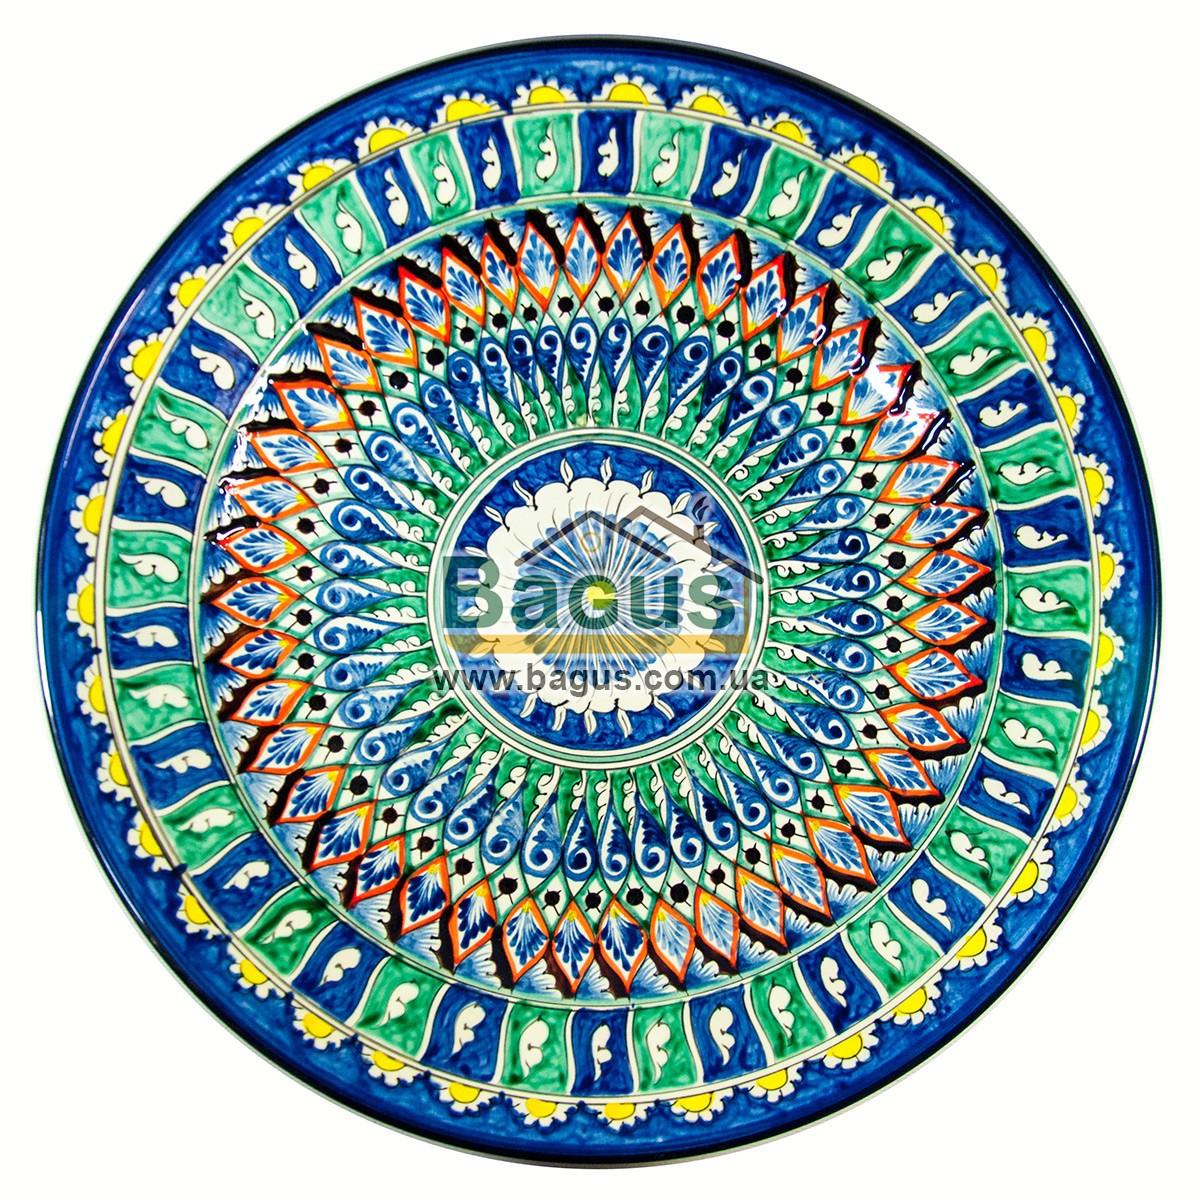 Ляган узбецький (тарілка узбецька) діаметр 42см ручна робота 4205-26